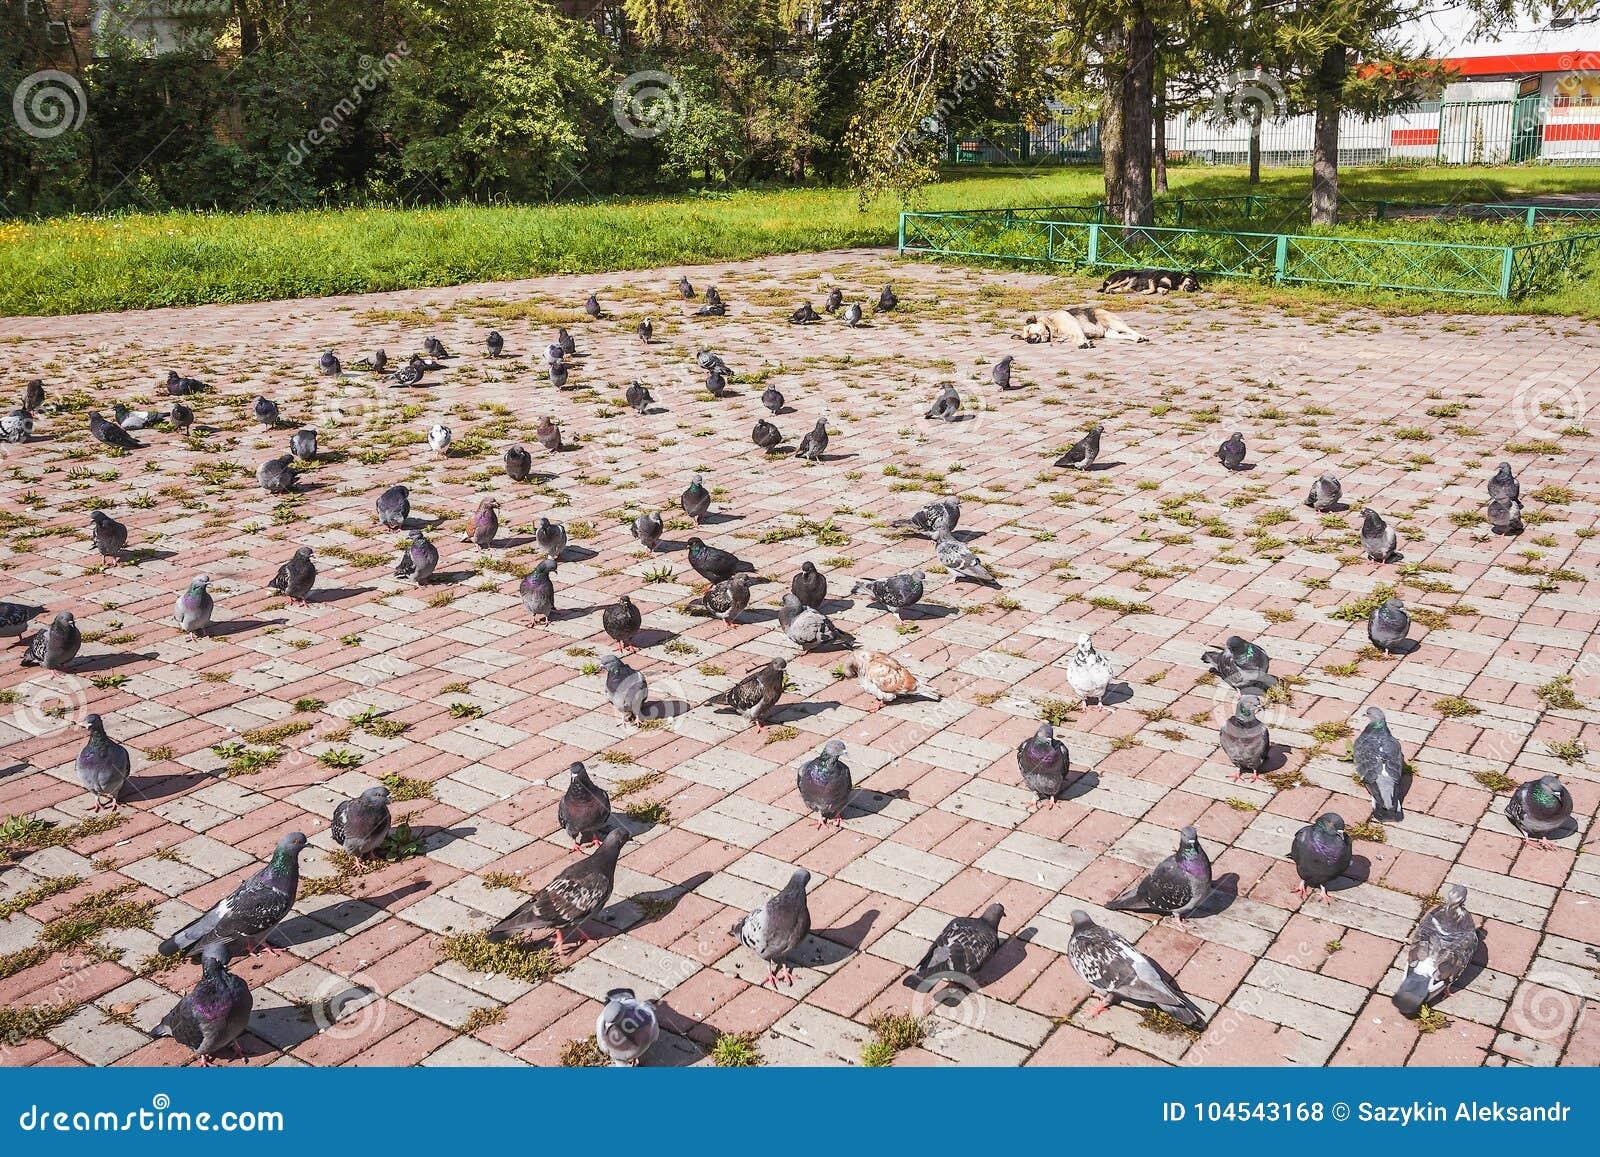 Стадо голубей идет и подает около собаки спать в солнце